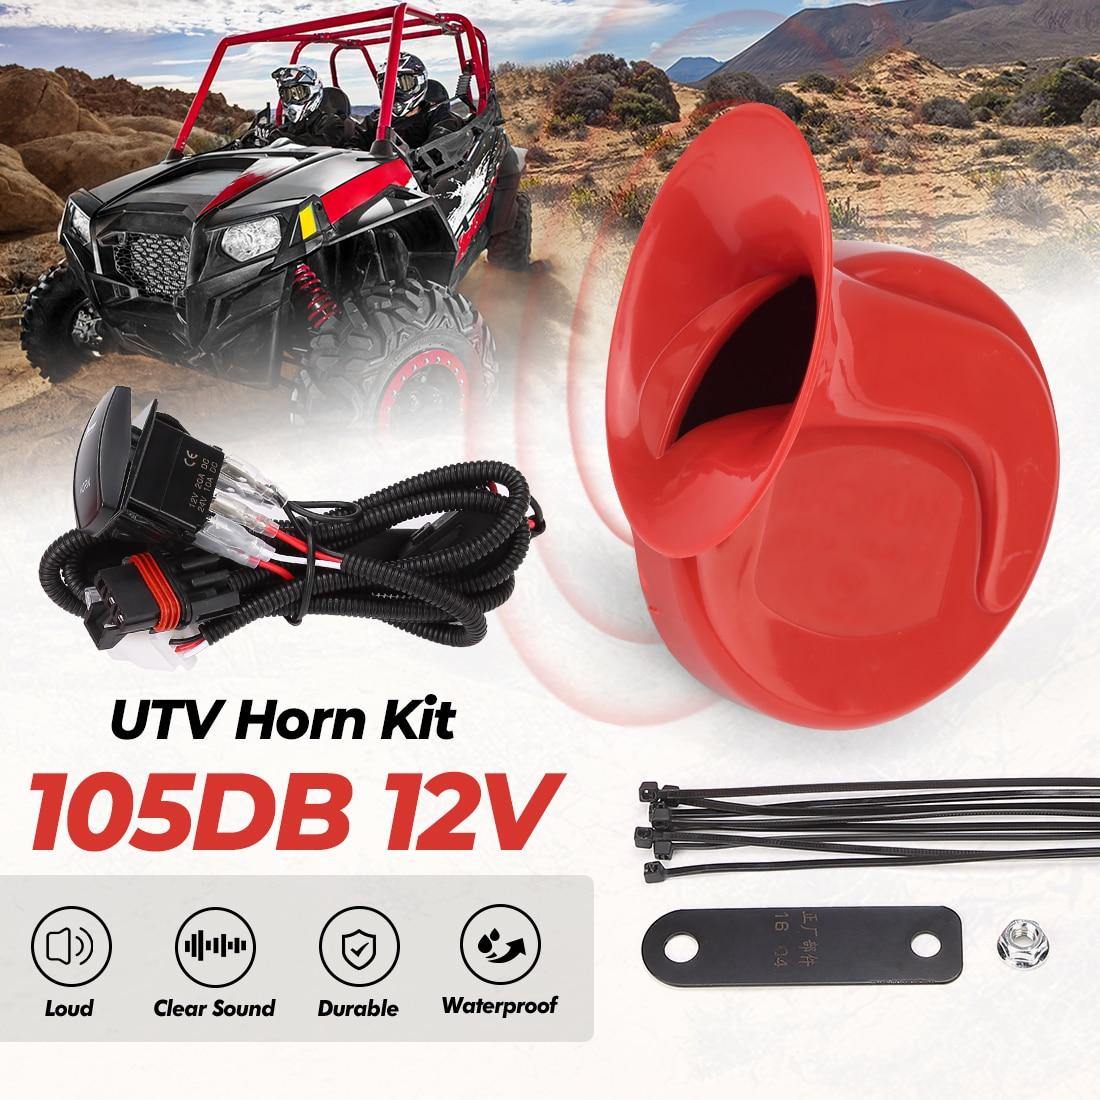 Универсальный рожок UTV KEMI MOTO с переключателем для Polaris RZR 800 XP Ranger для Can Am Maverick X3 для Arctic Cat для Cf moto|Детали и аксессуары для мотовездехода|   | АлиЭкспресс